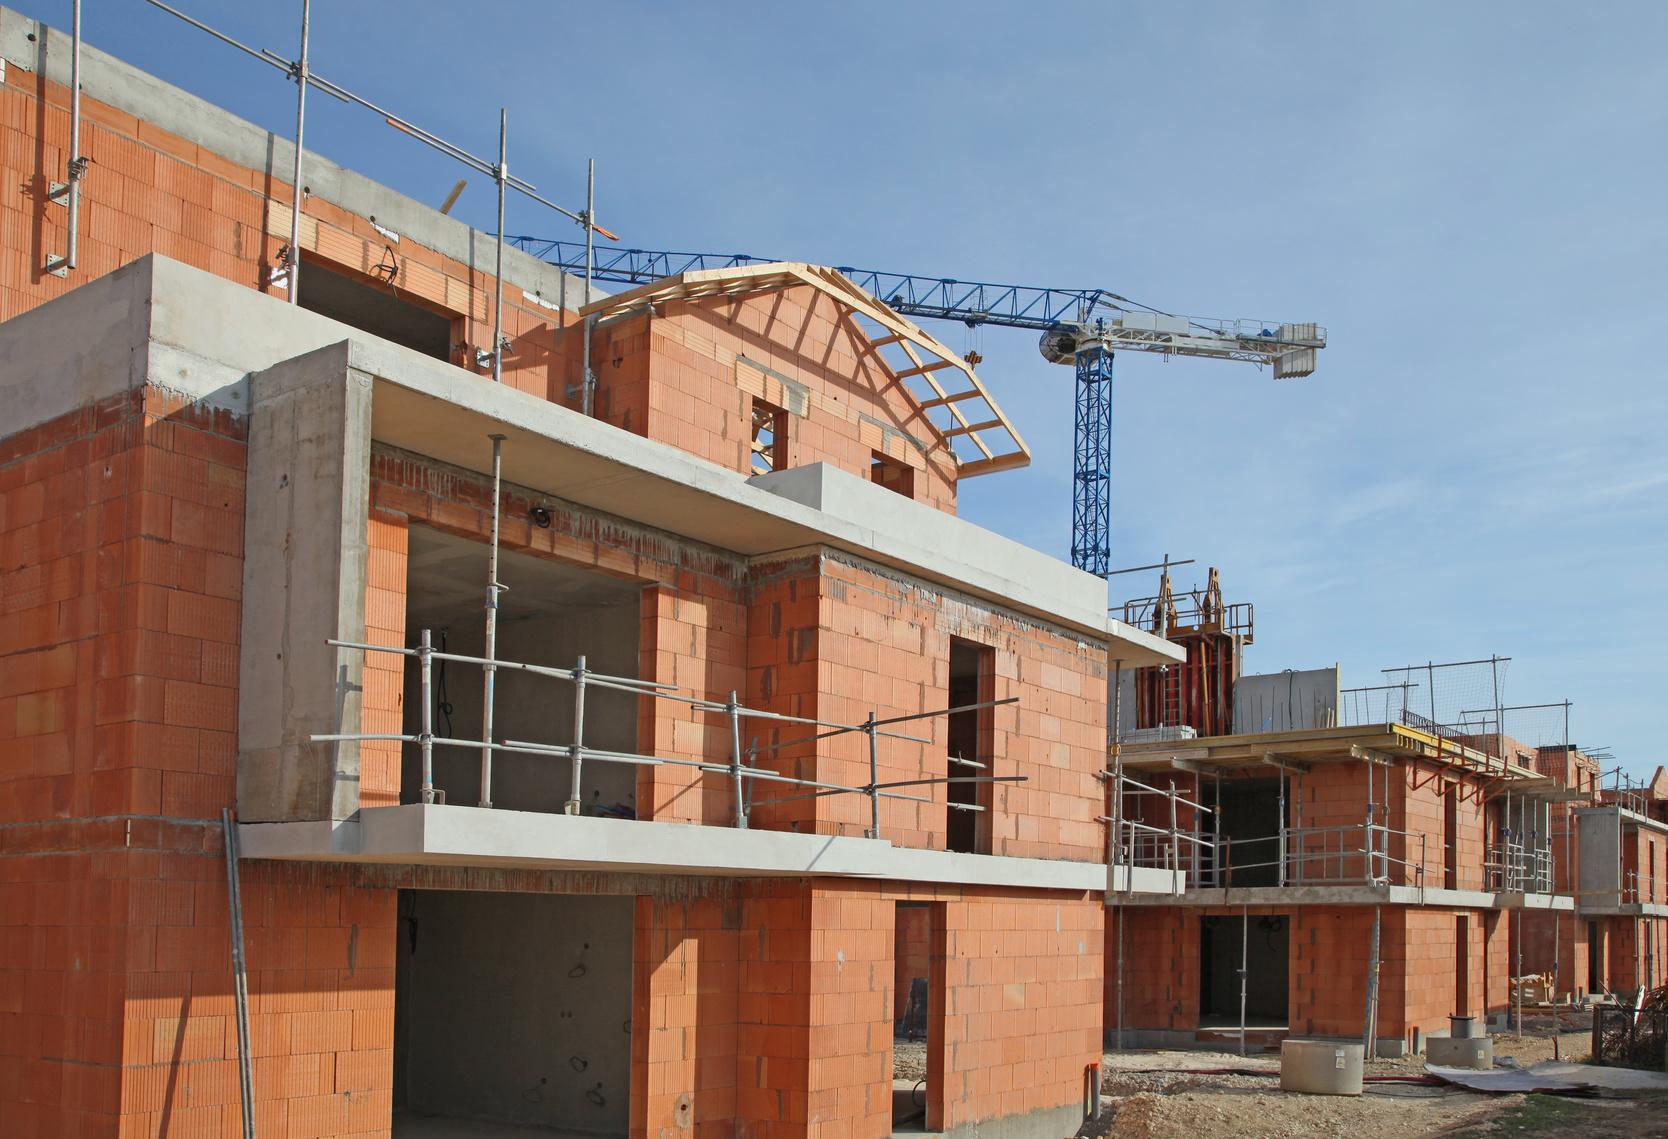 Maison en brique avantages prix caract ristiques toutes les infos - Construire une maison en terre ...